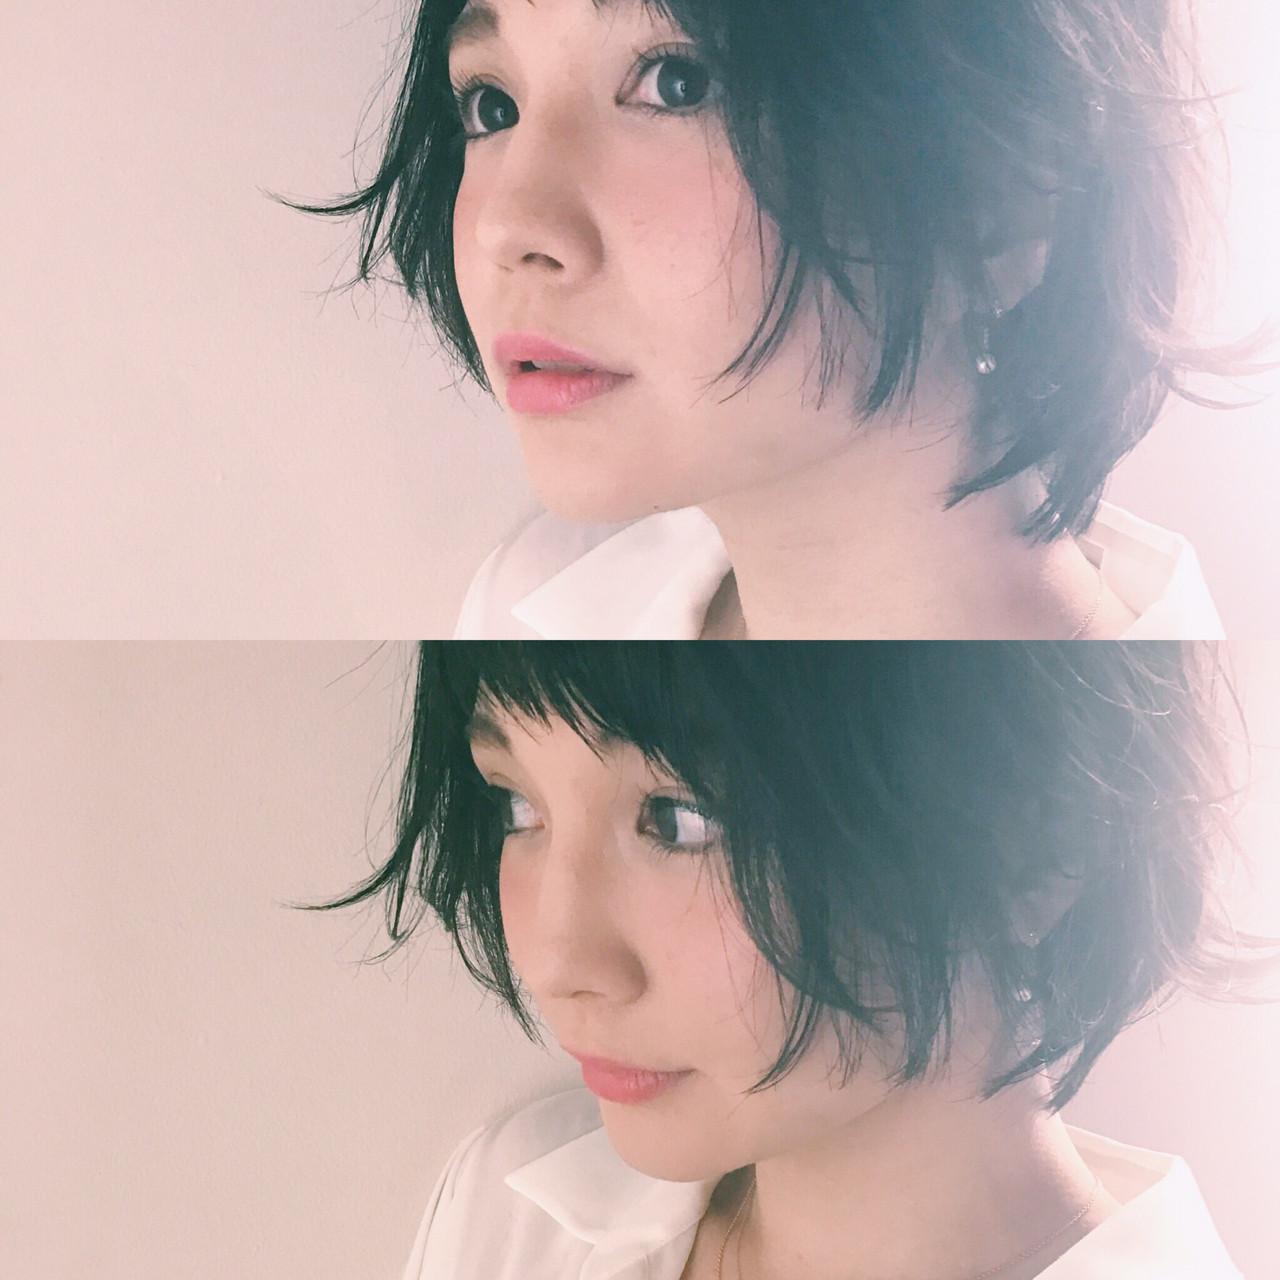 小顔 ベビーバング かわいい ショートバング ヘアスタイルや髪型の写真・画像